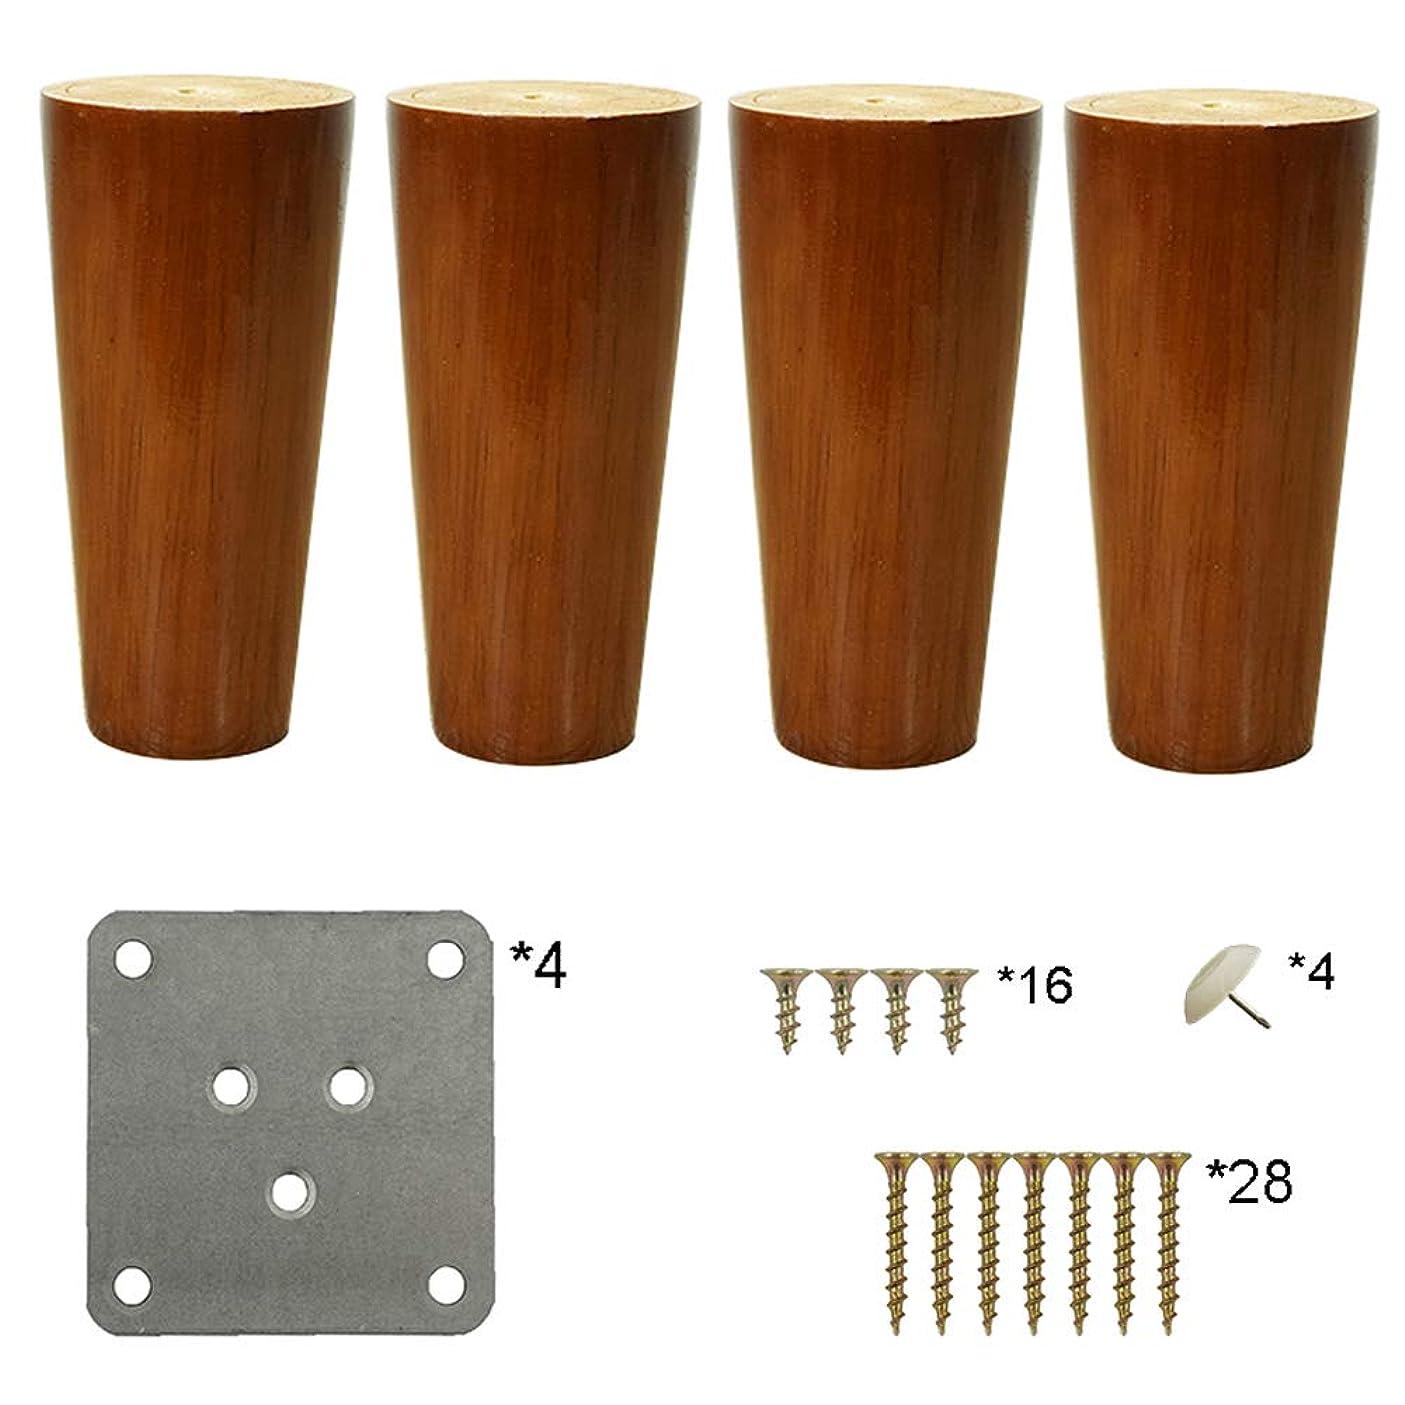 変化する太鼓腹与えるソリッドウッド製家具脚、ラバーウッド、テーパードコーヒーテーブルソファテレビキャビネットサポート脚、ベッドキャビネットバスルームキャビネット交換脚(4個、8-30cm)